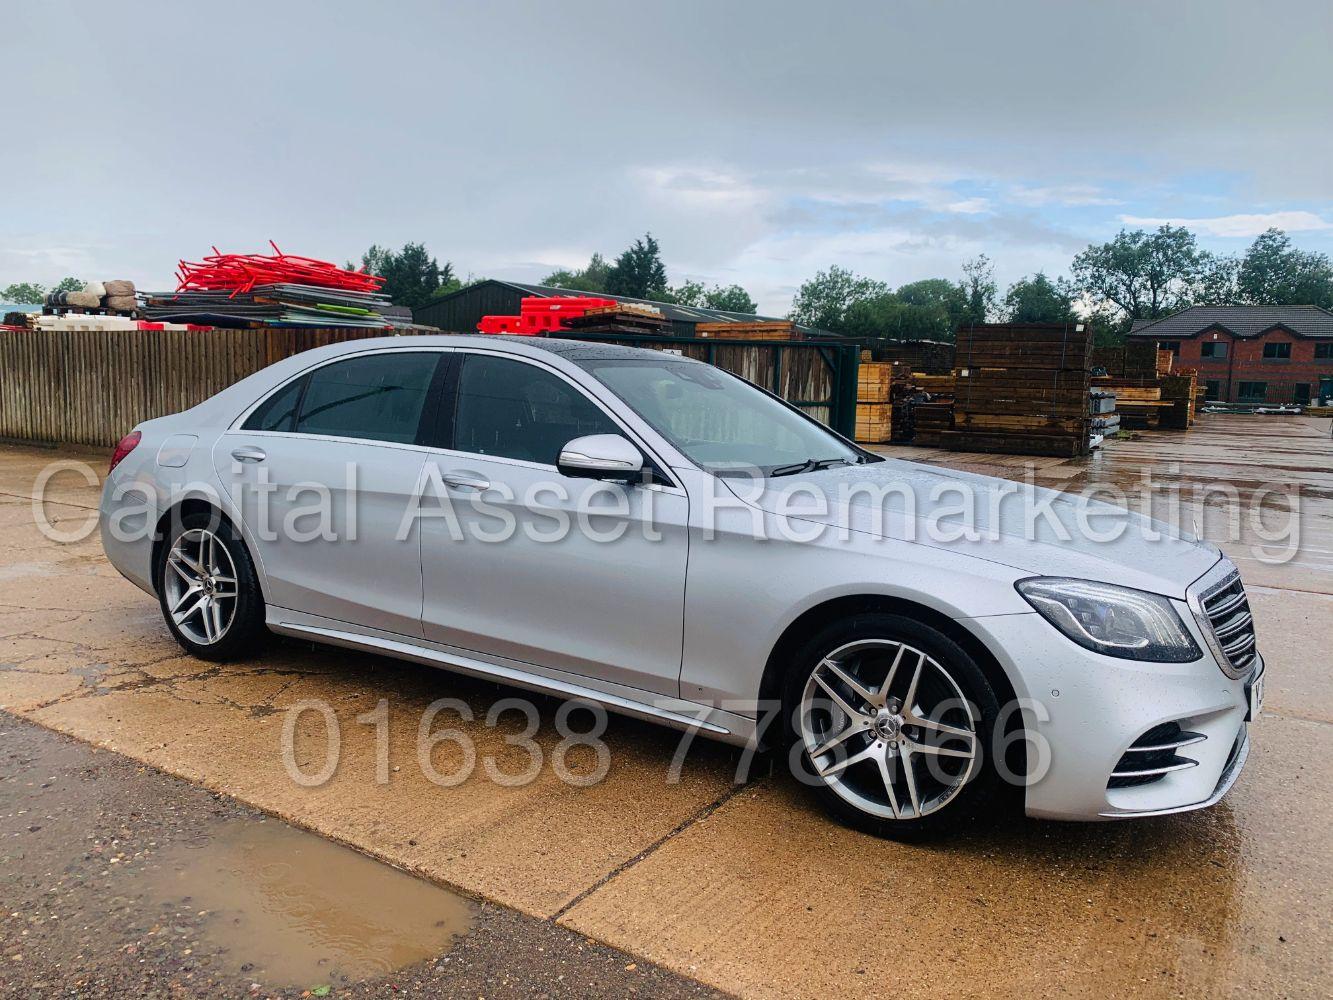 2018 Mercedes-Benz S350d *LWB - AMG Executive Premium* - 2018 Mercedes-Benz E220d + Many More: Cars, Commercials & 4x4's !!!  **TAKE A LOOK**